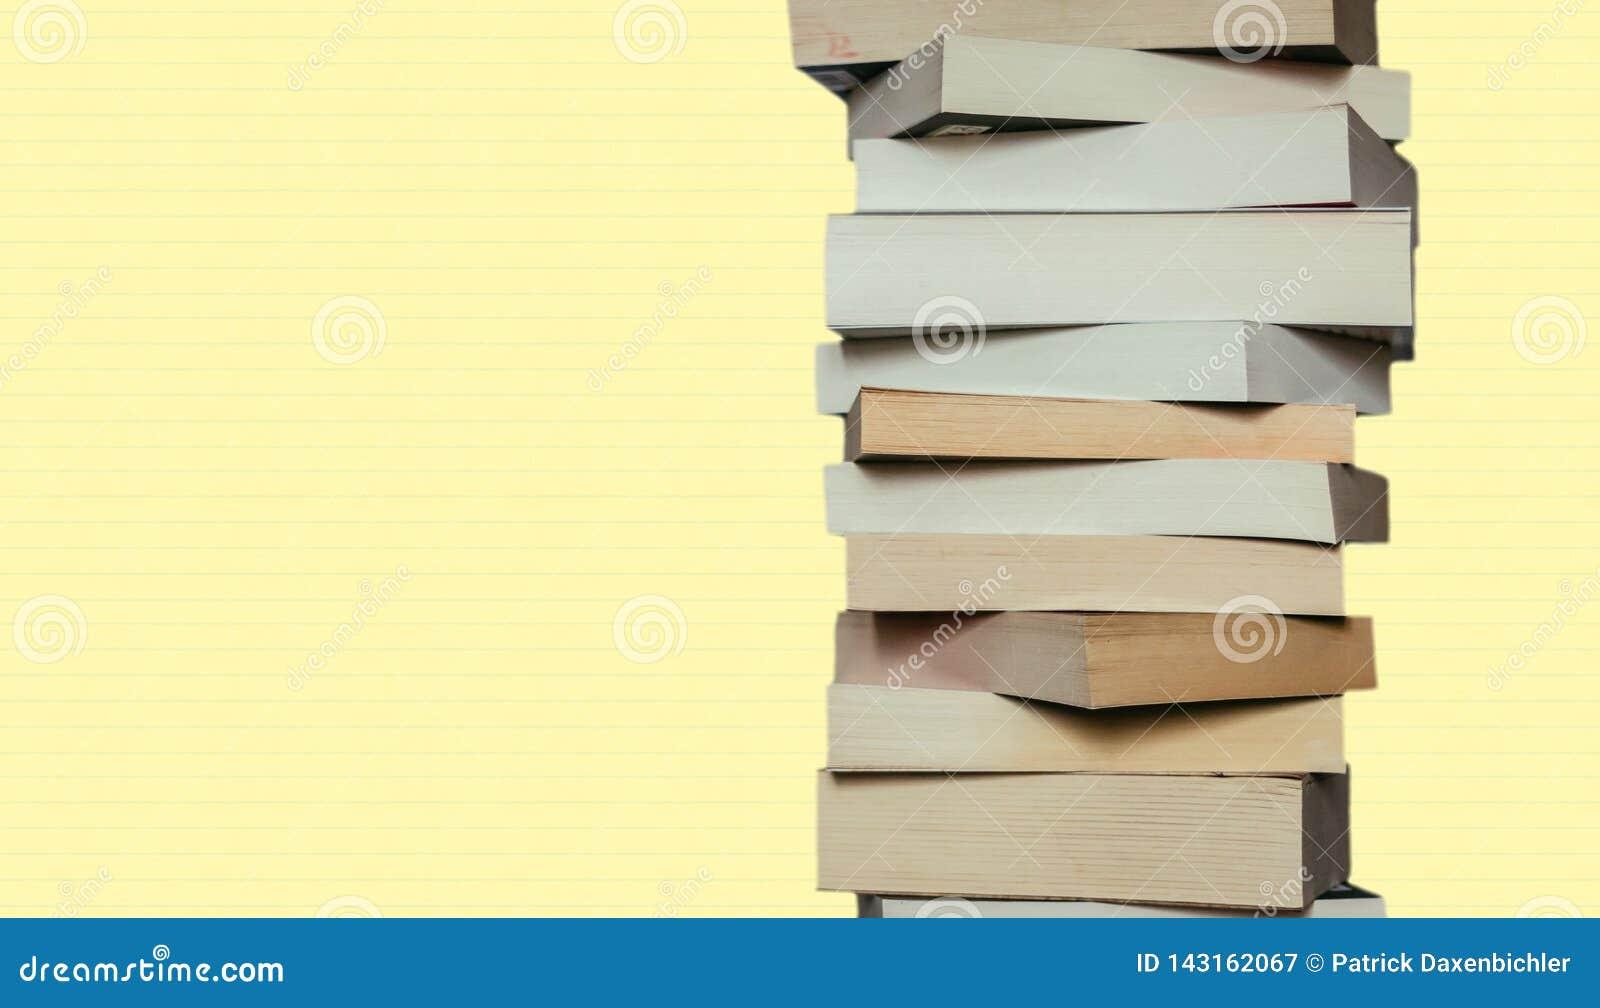 Literatura para el estudio: Pila de libros; yellowbackground